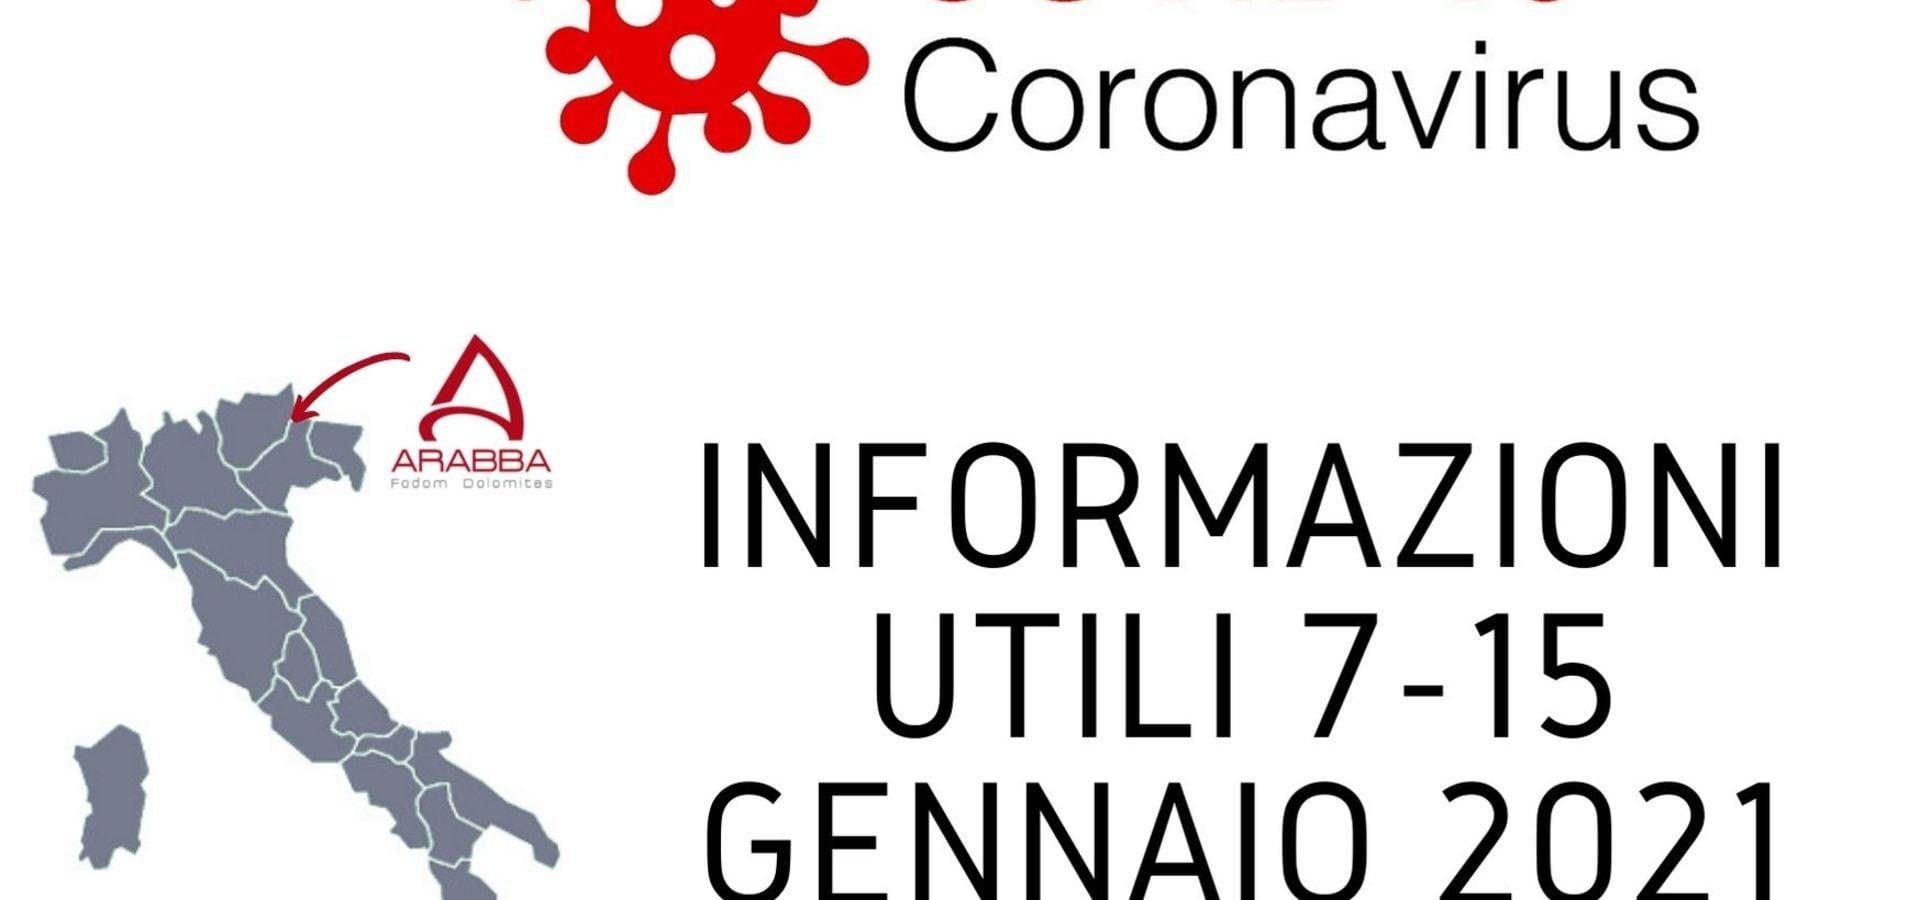 Emergenza Coronavirus: Aggiornamenti dal 07/01/2021 al 15/01/2021